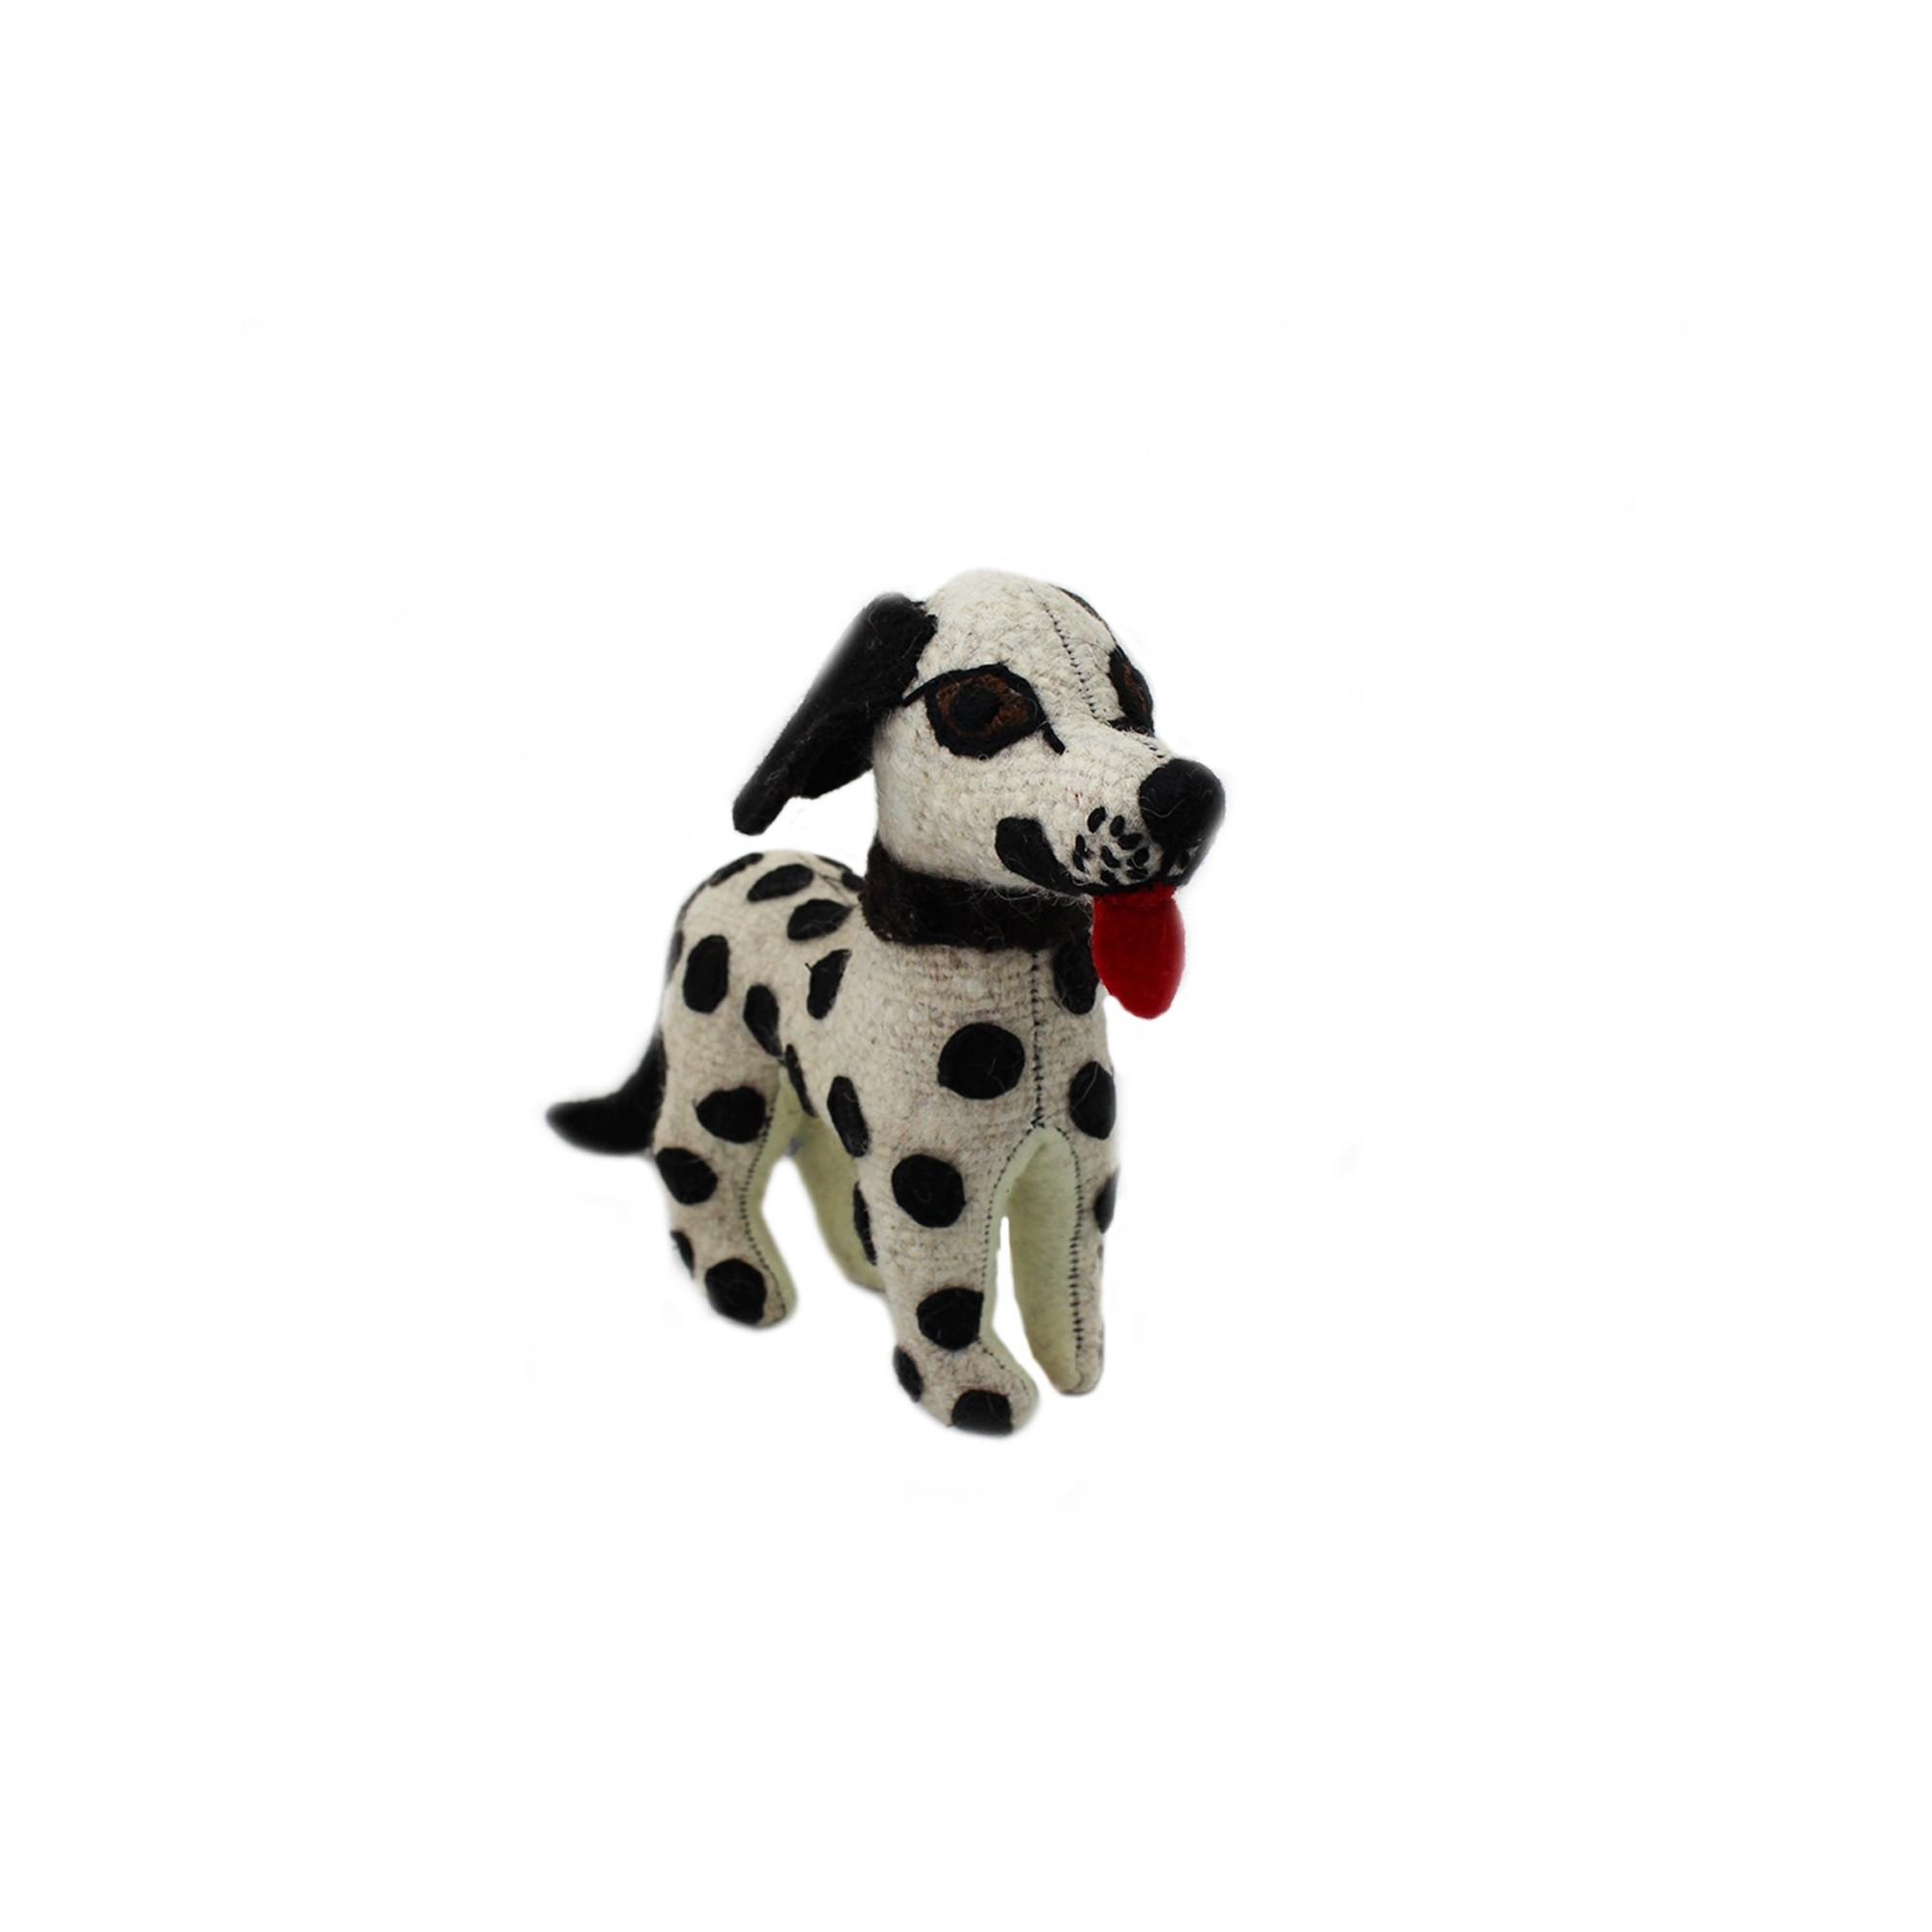 Deko Plüschtier Hund Dalmatiner Kaufen